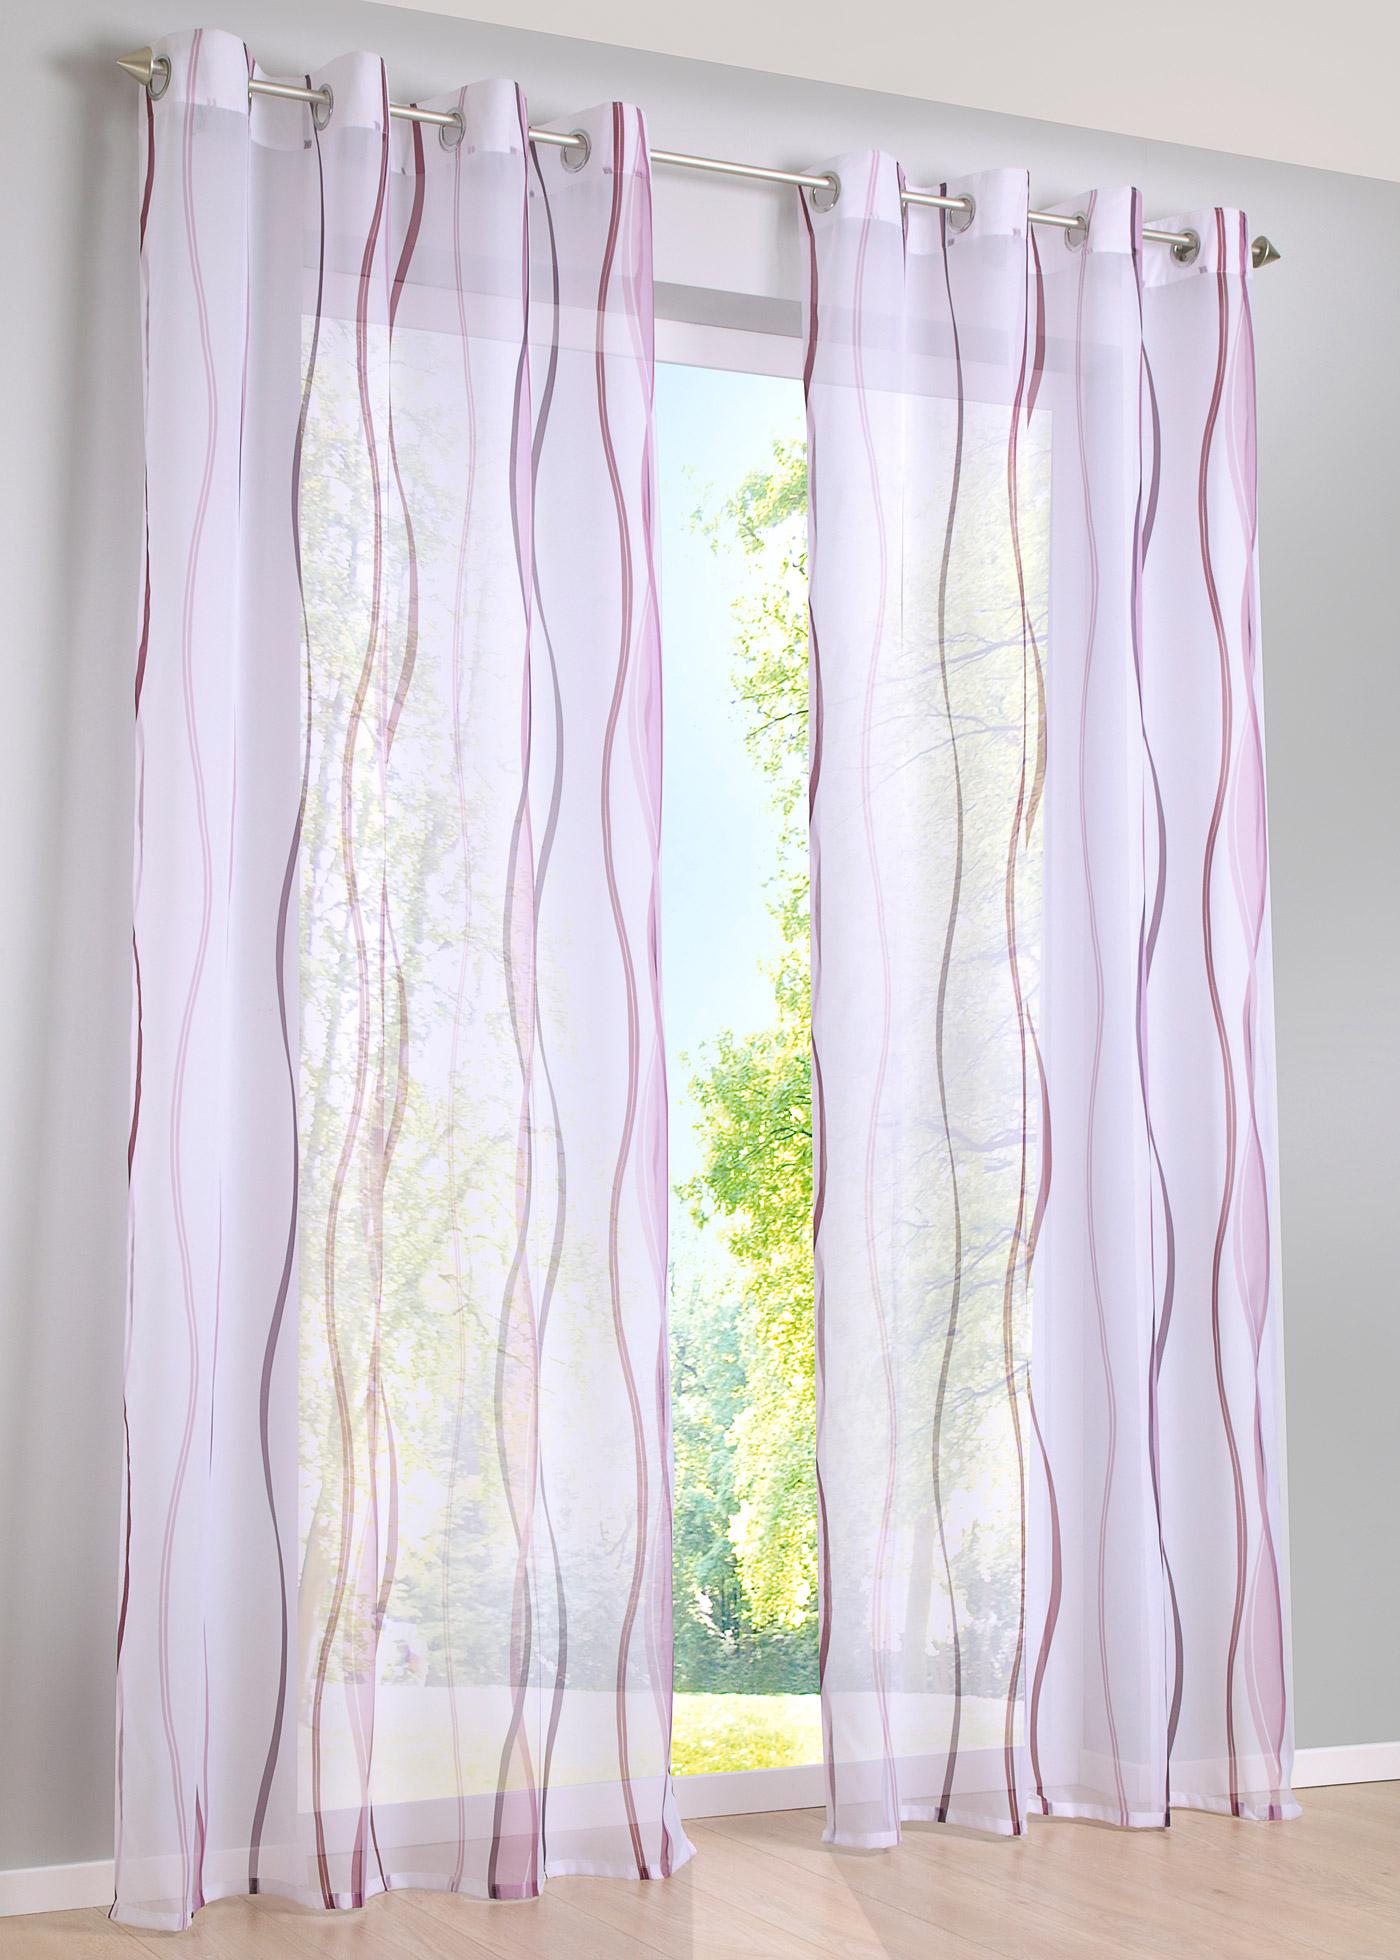 Modèle en voile crème avec rayures colorées, transparent, lavage possible. 100% polyester. Dimensions = dimensions du tissu (env. hauteur/largeur).